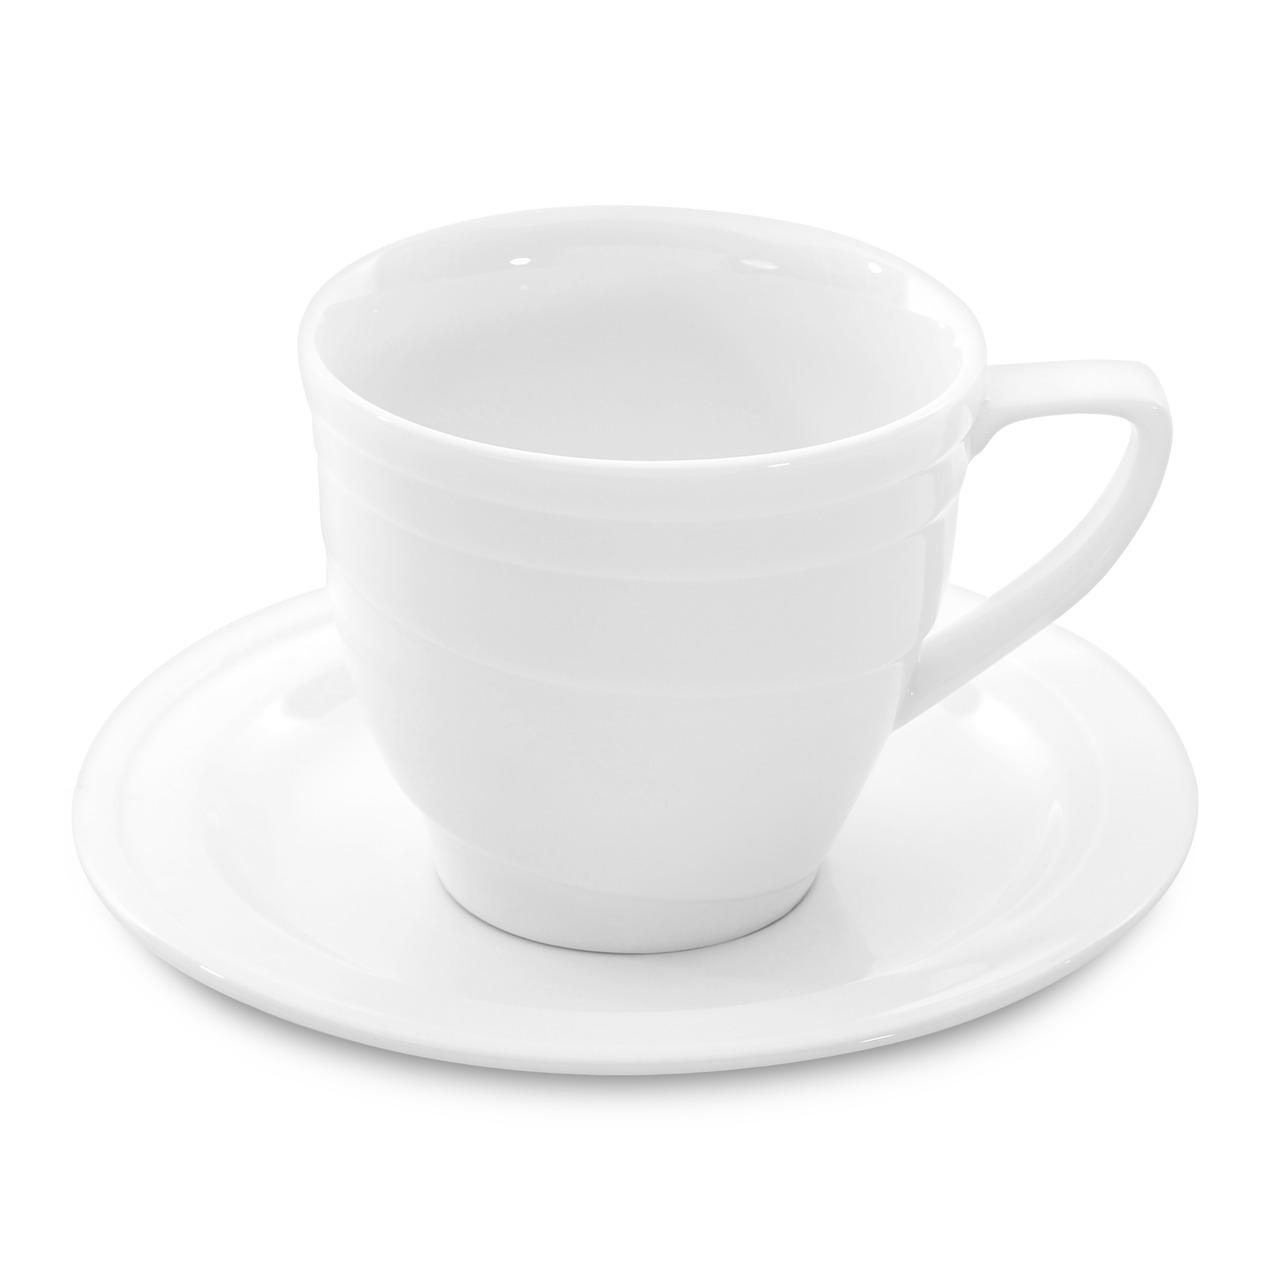 Фото Чашка для кофе с блюдцем средняя 125 мл BergHOFF Hotel